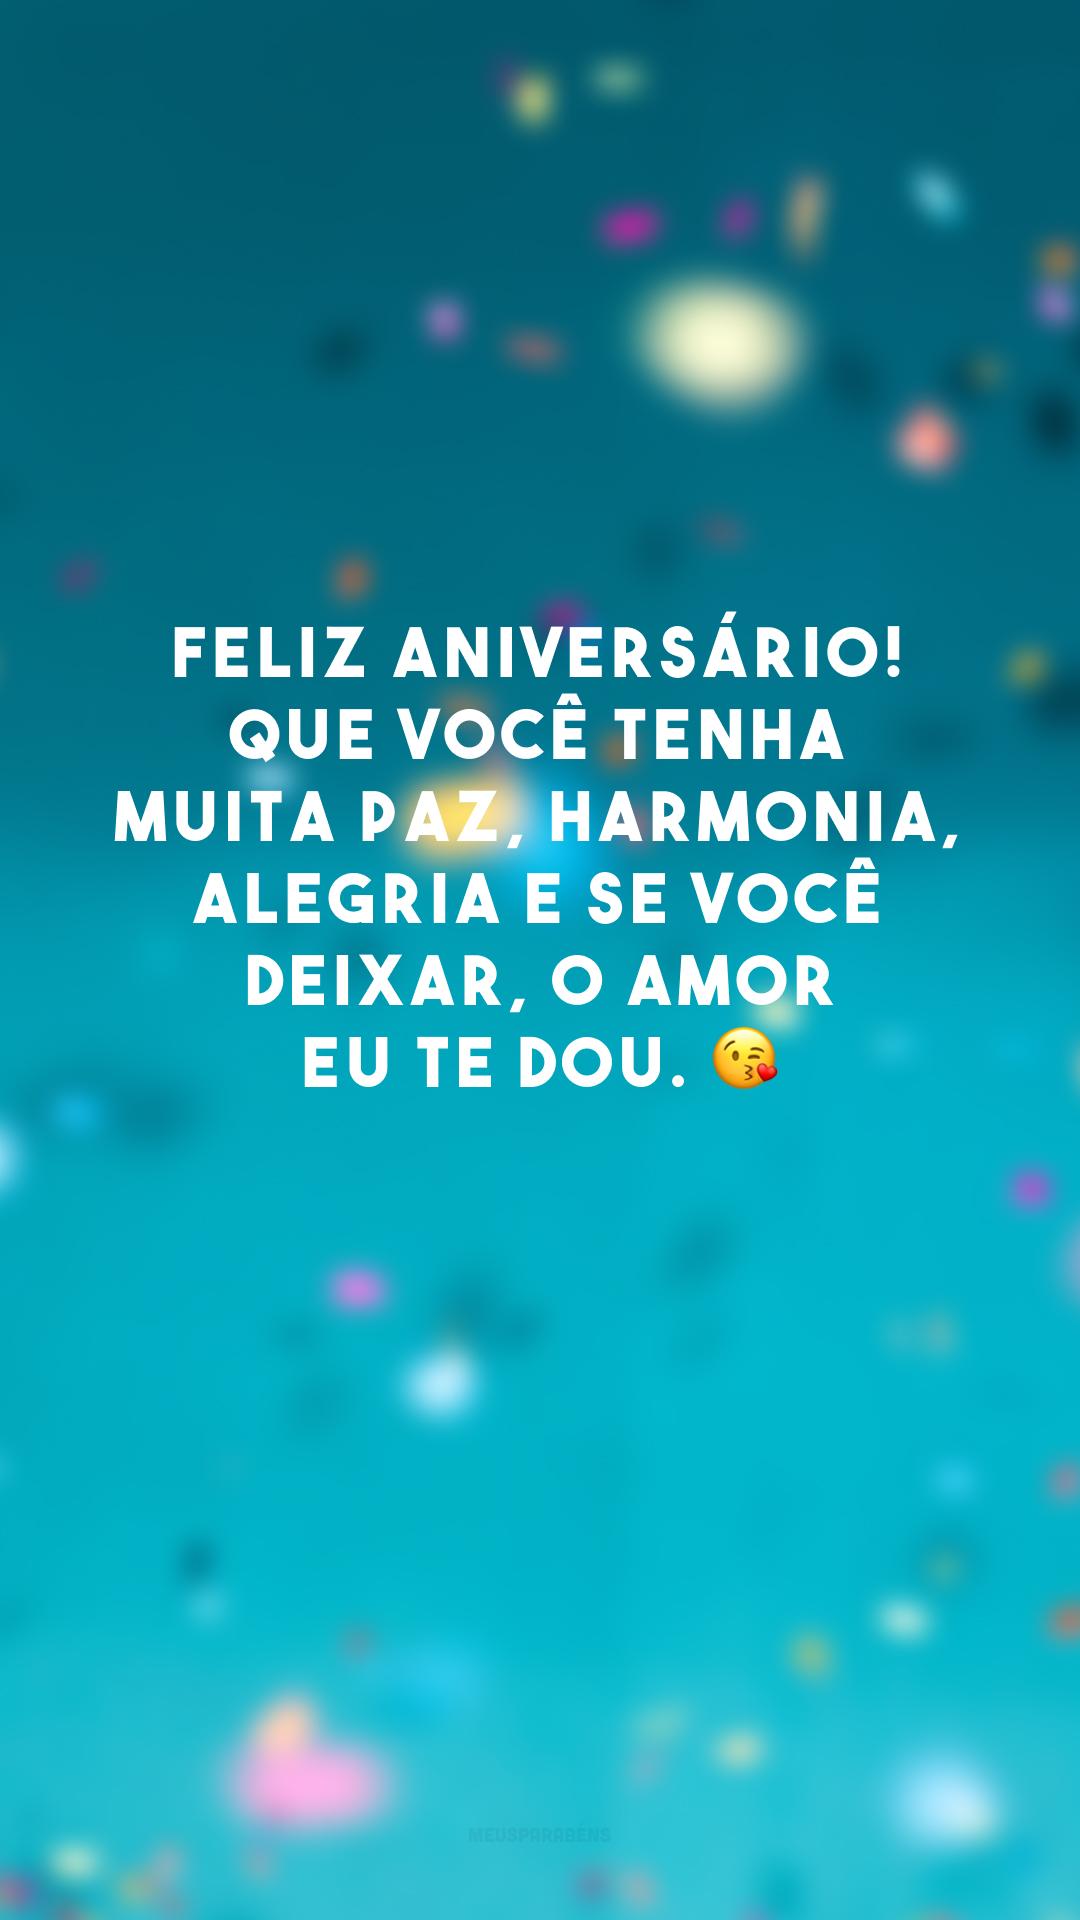 Feliz aniversário! Que você tenha muita paz, harmonia, alegria e se você deixar, o amor eu te dou. 😘